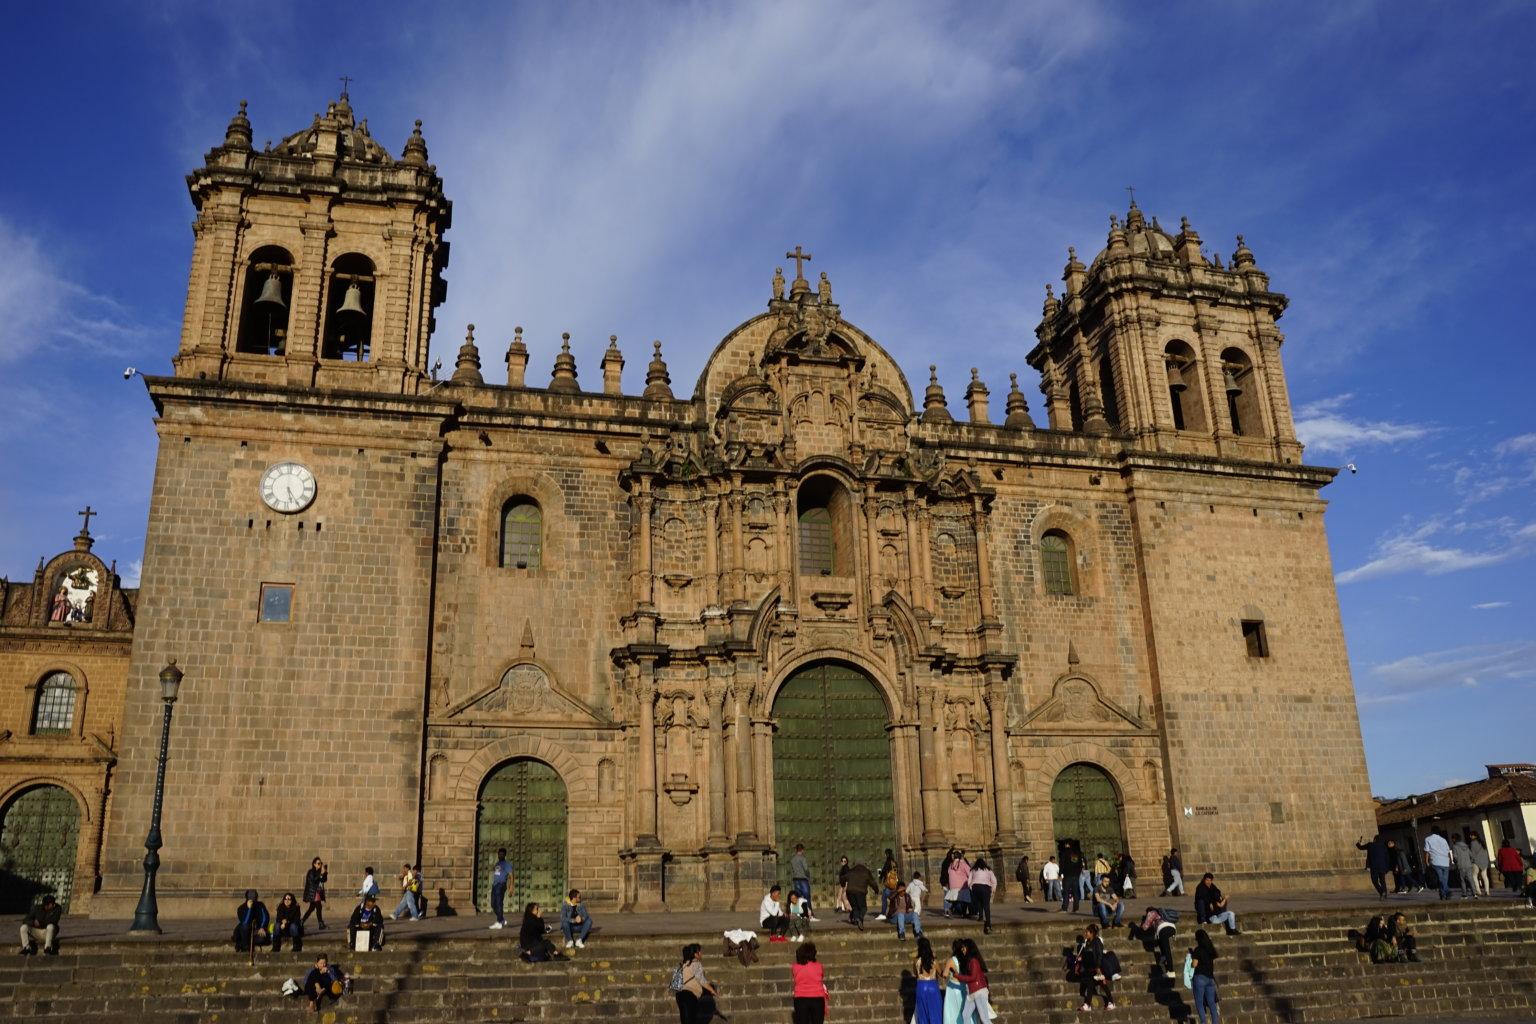 DSC7084 1536x1024 - 【ペルー クスコ】クスコ市内の観光の定番。二つの市場と観光モデルコース